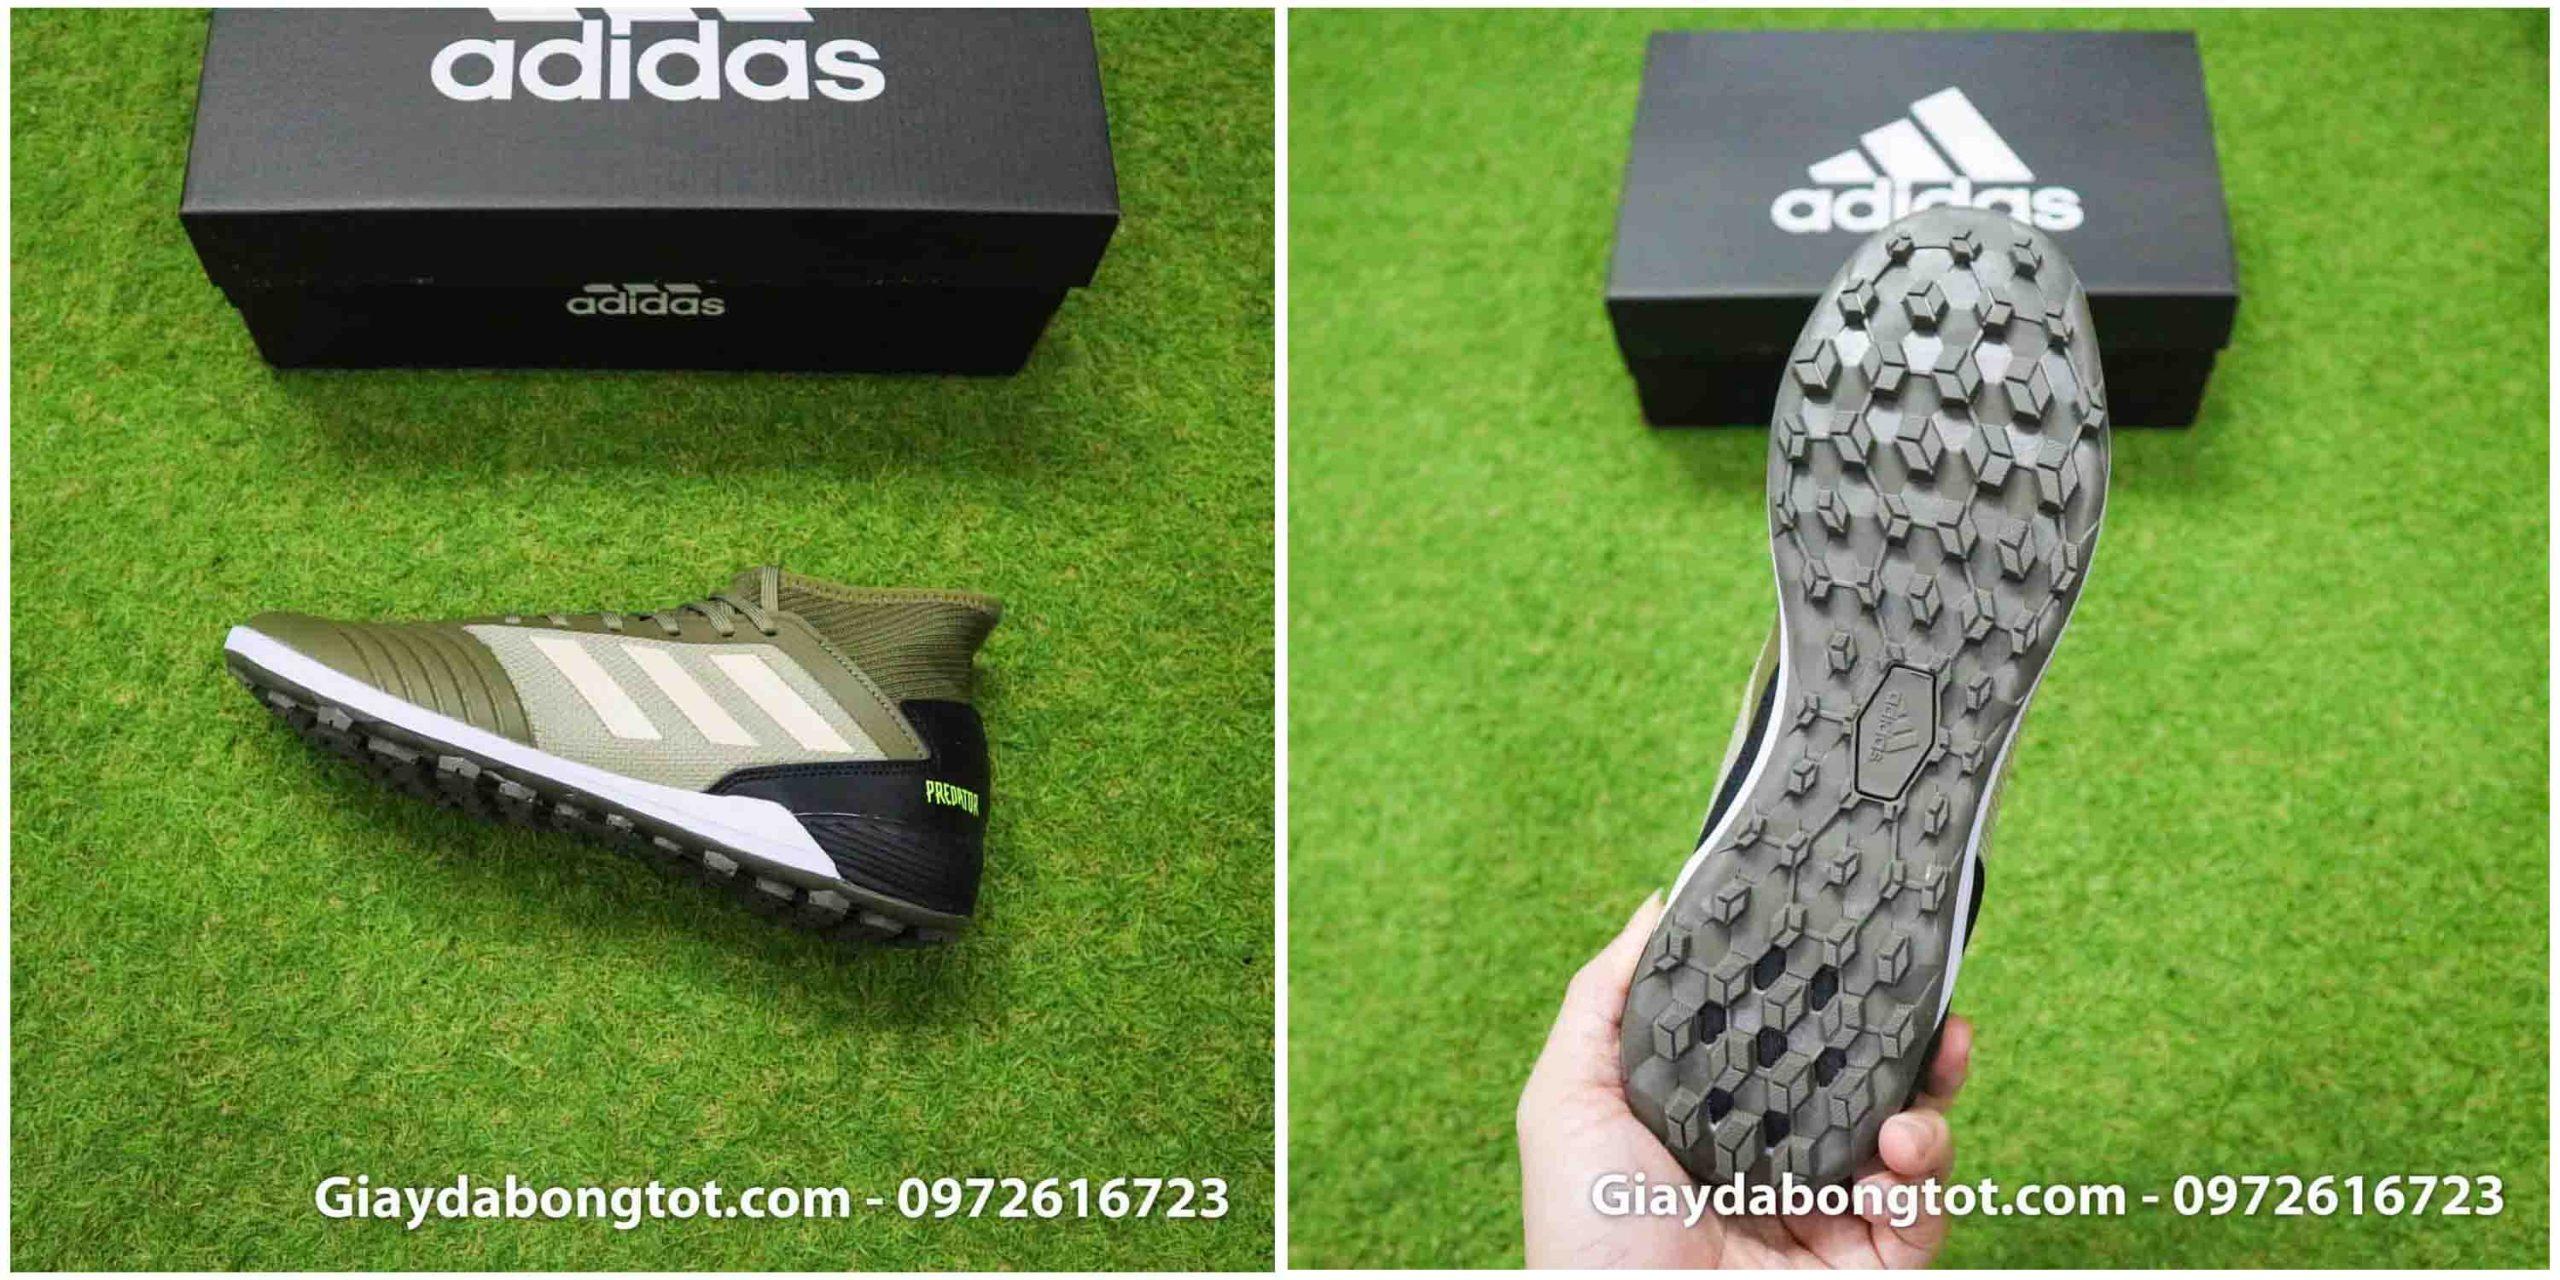 Thiết kế giày bóng đá sân cỏ nhân tạo Adidas Predator 19.3 TF năm 2019